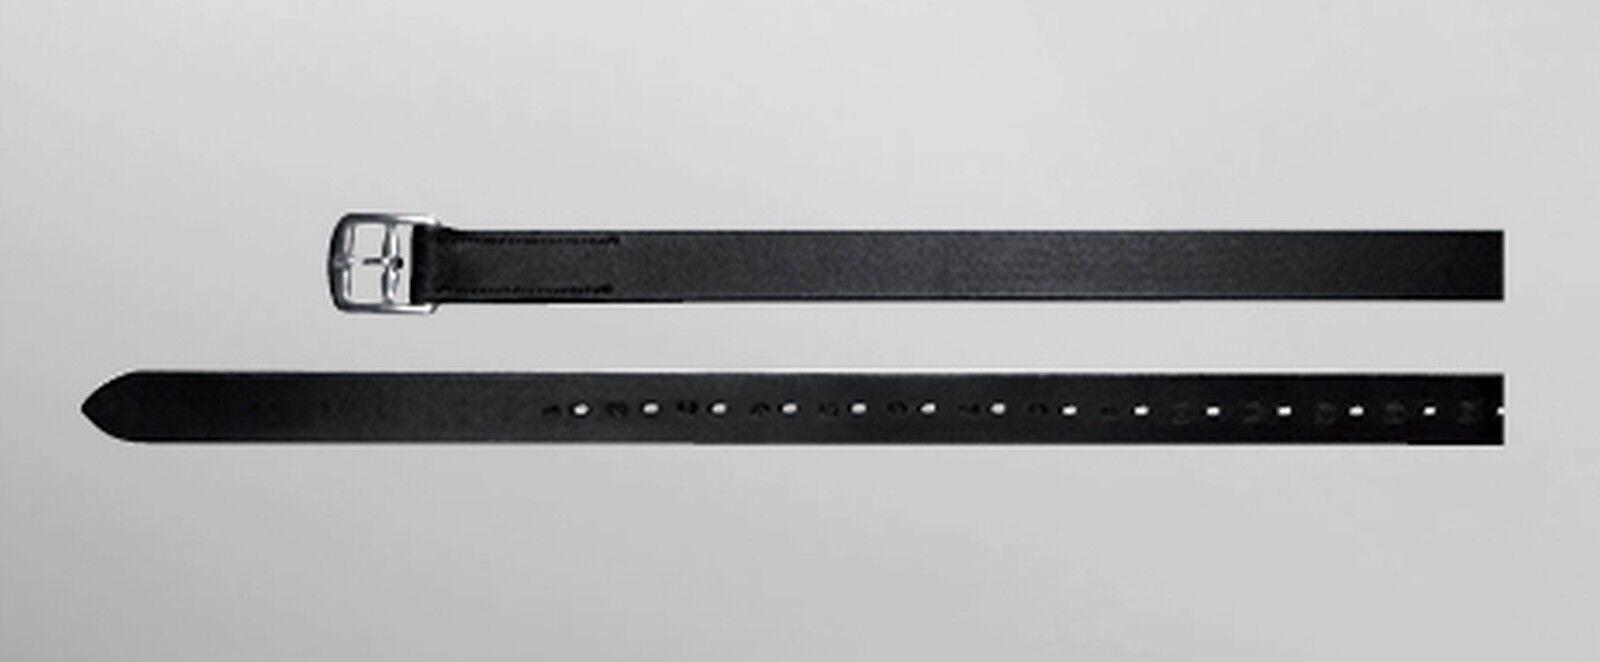 Passier Steigbügelriemen, Ledersteigbügelriemen, 2.5cm breit breit breit d0c741